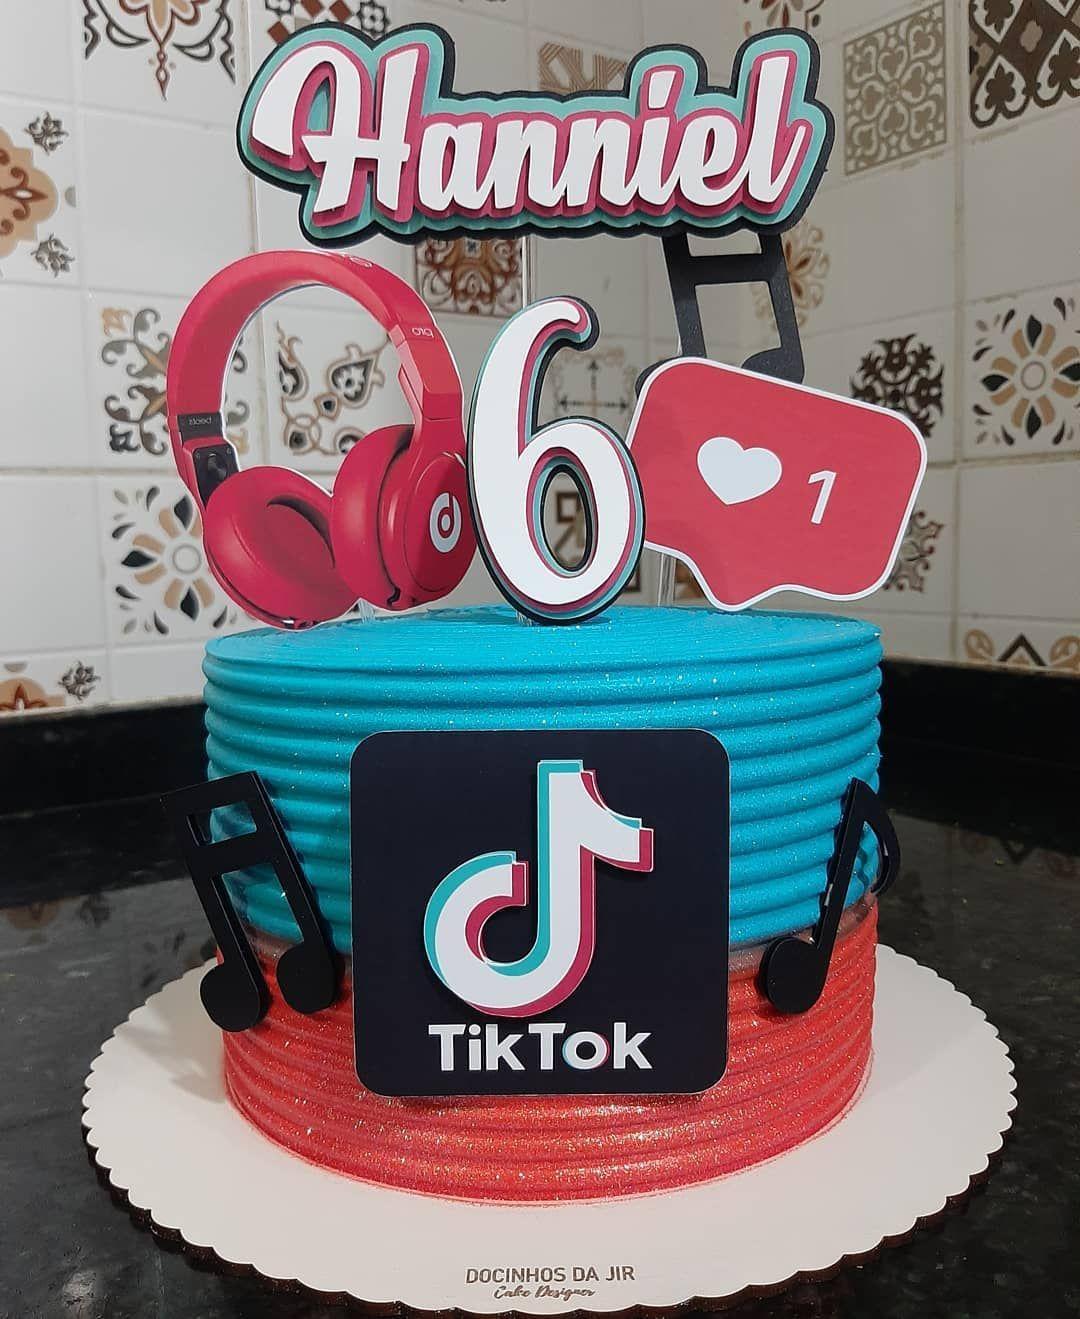 Docinhosdjir Por Iasmyn Araujo No Instagram Tiktok Tiktok Tiktokbrasil Caketiktok B Unique Birthday Cakes Beautiful Birthday Cakes Birthday Cake Girls